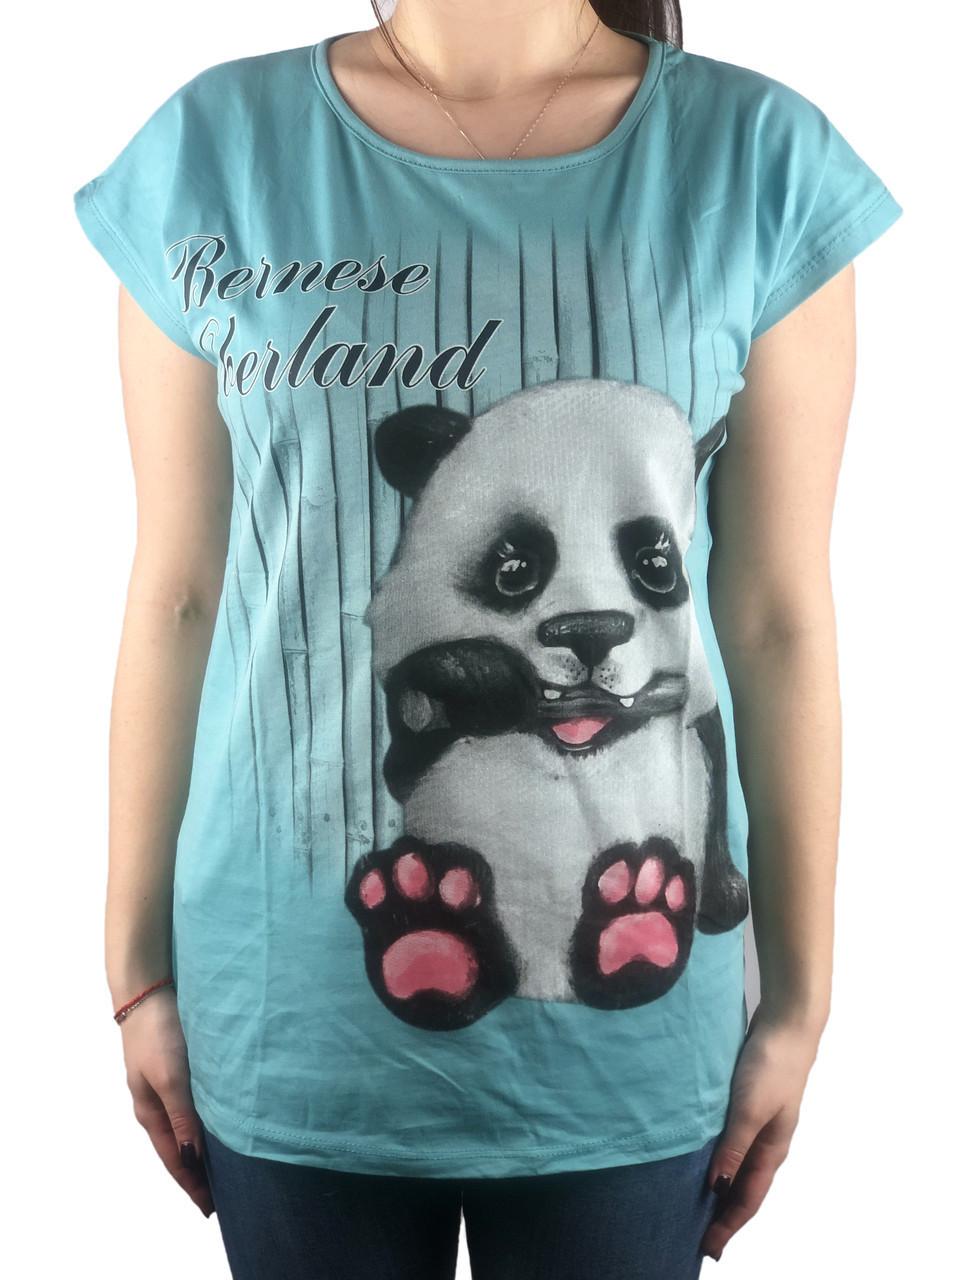 Женская футболка, 44-46-48рр, пандочка